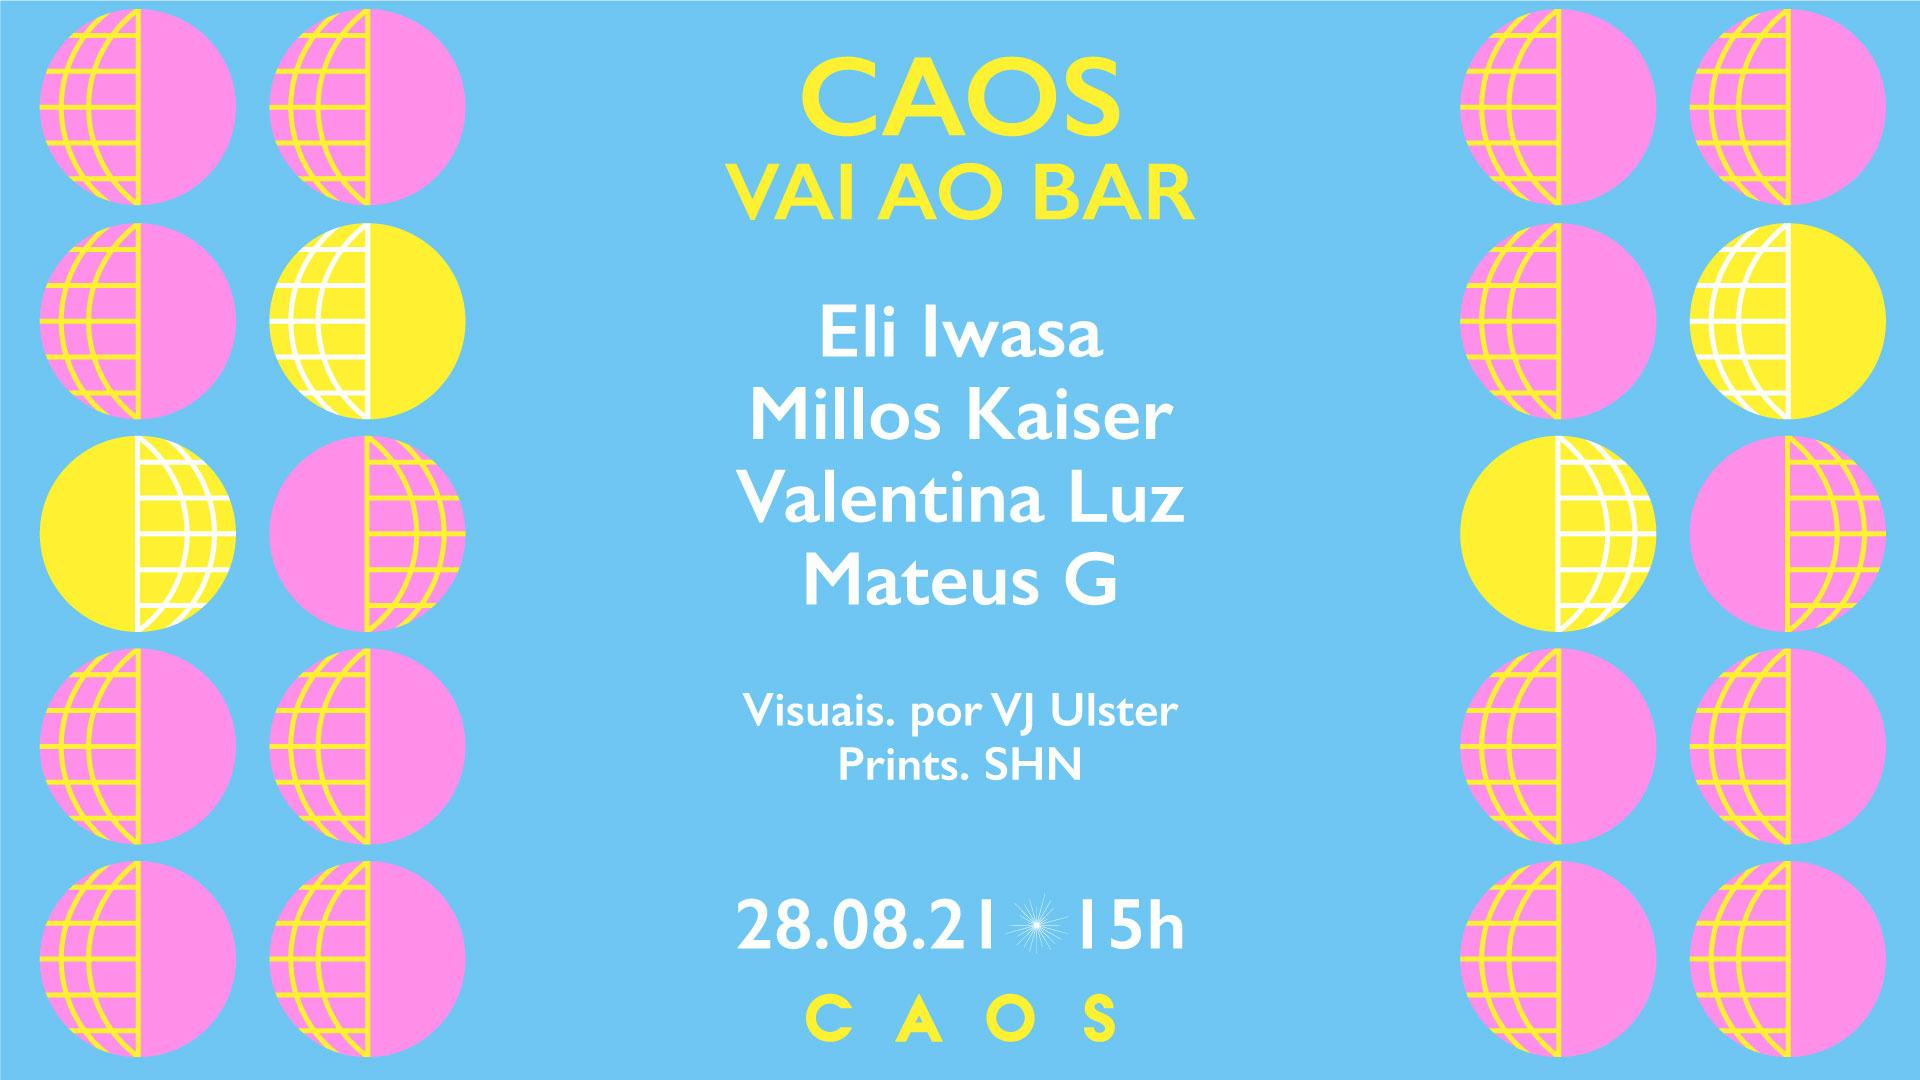 Caos vai ao Bar: Eli Iwasa, Valentina Luz e Millos Kaiser